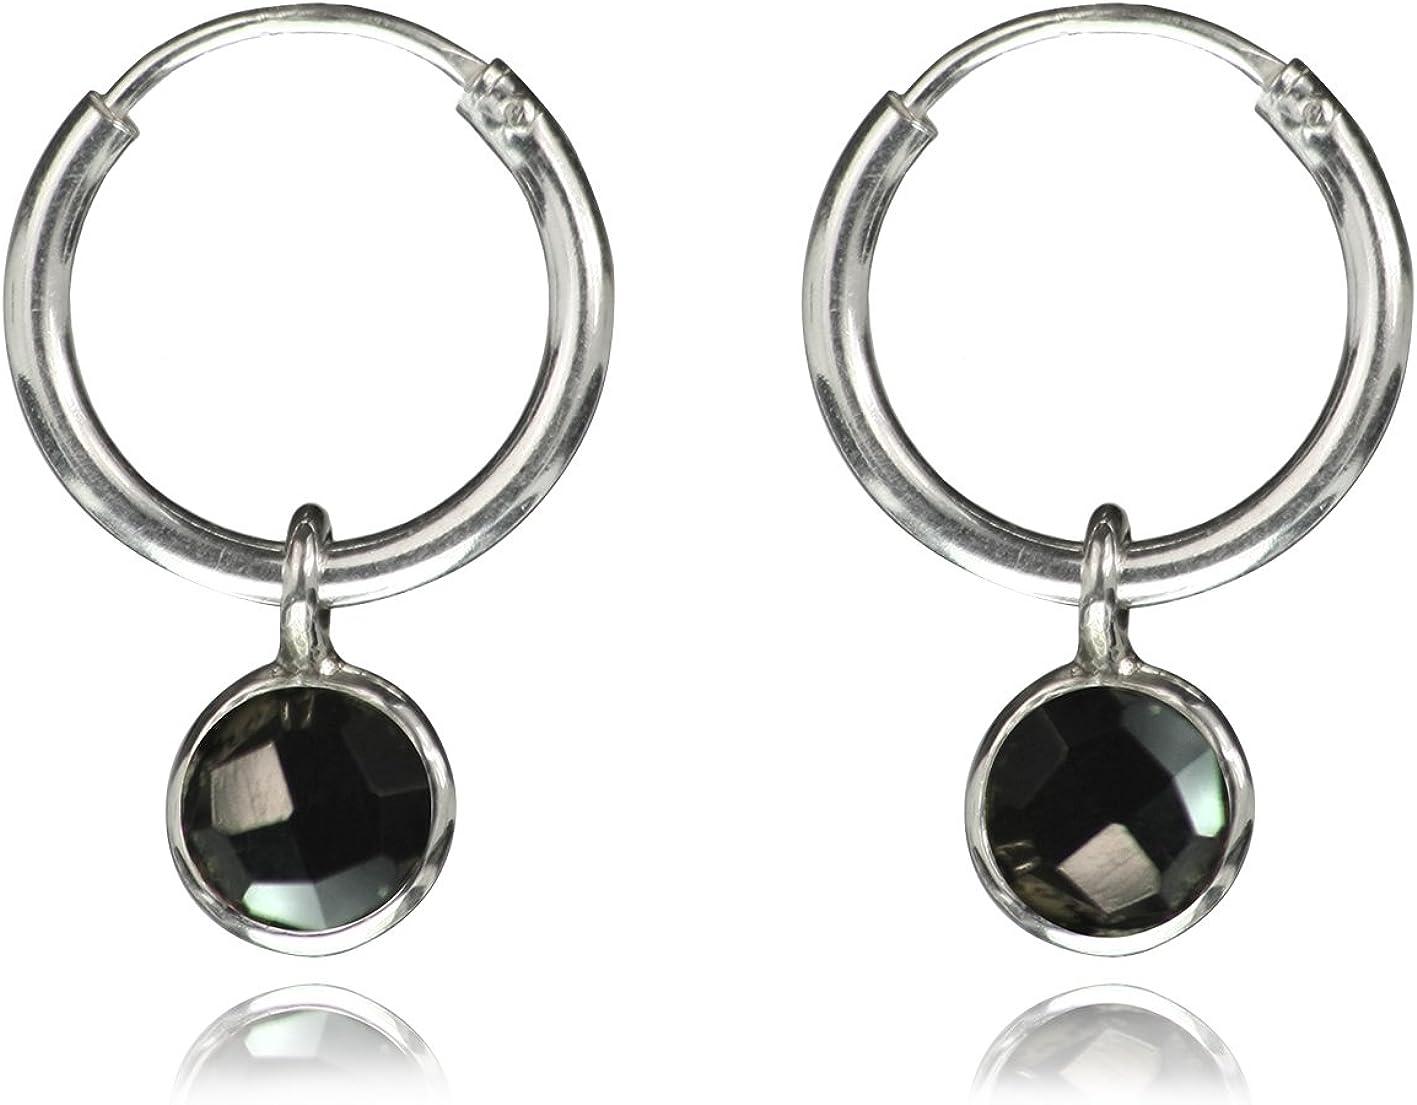 The Jewellery Store London - Pendientes De Aro Con Colgante De Ónix Negro, Plata De Ley 925, Sin Níquel